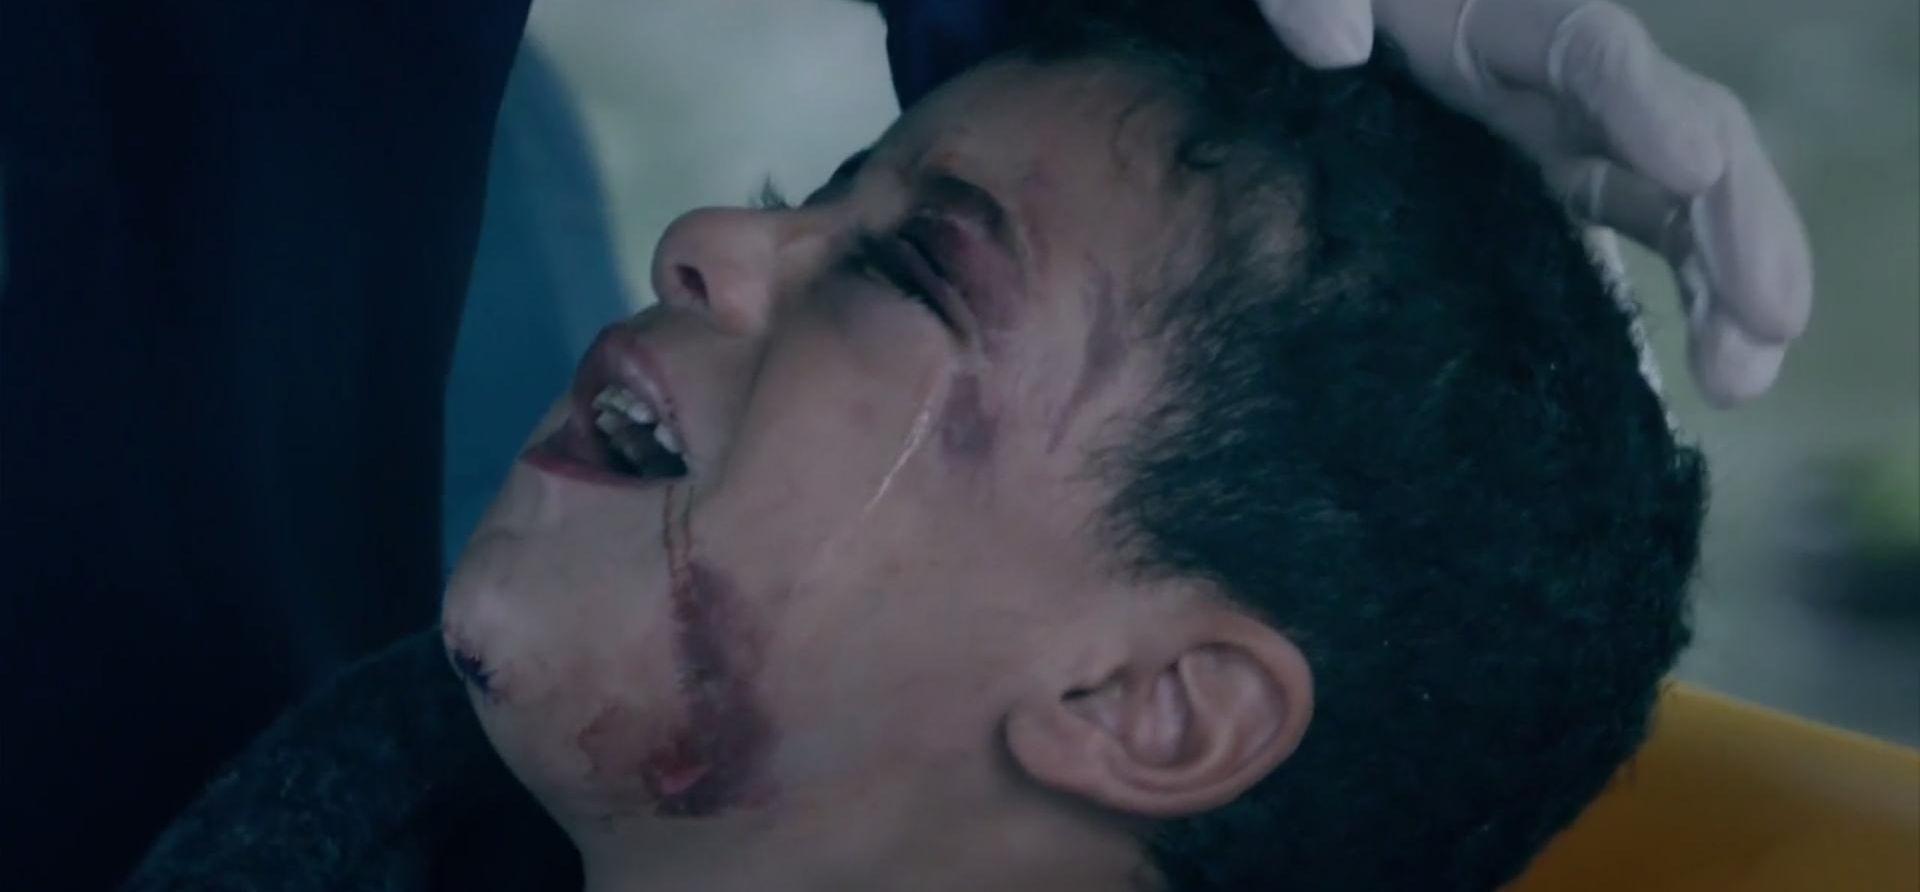 VIDEO: #FINDAZAM Sirijski dječak posljednji put viđen u Beogradu s polomljenom vilicom, oteli ga kako bi lakše prrešli granicu?